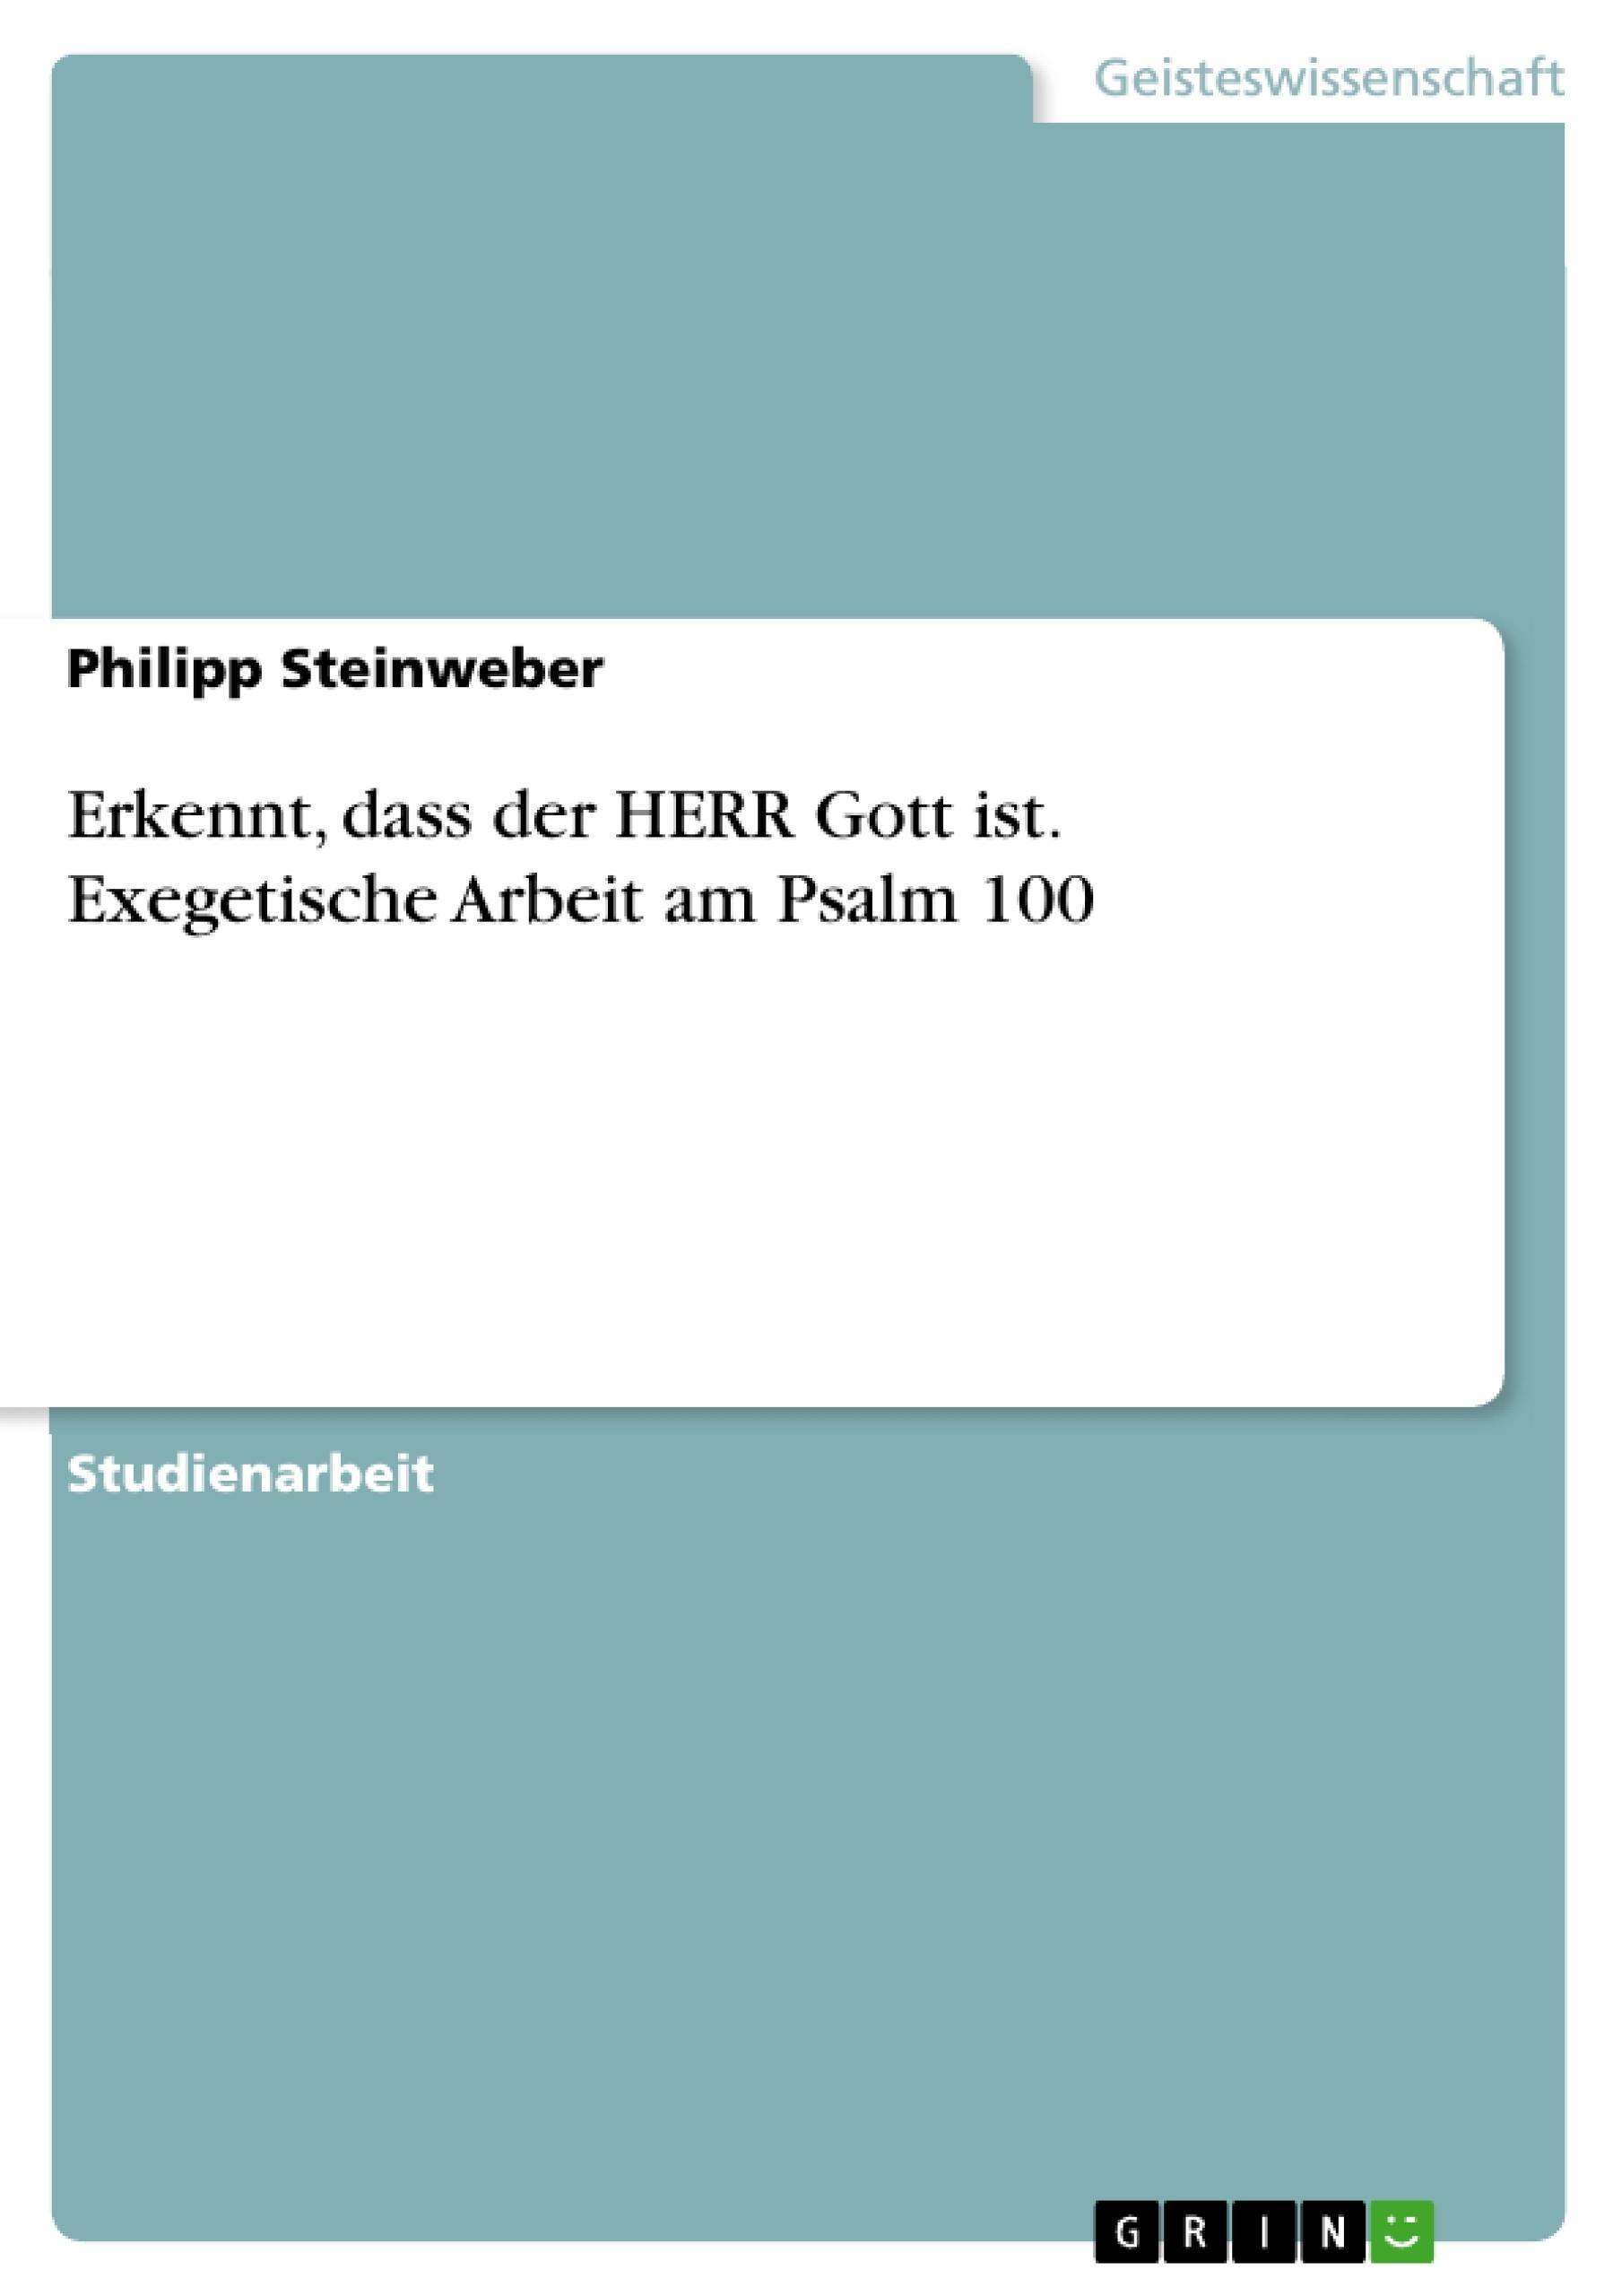 Titel: Erkennt, dass der HERR Gott ist. Exegetische Arbeit am Psalm 100